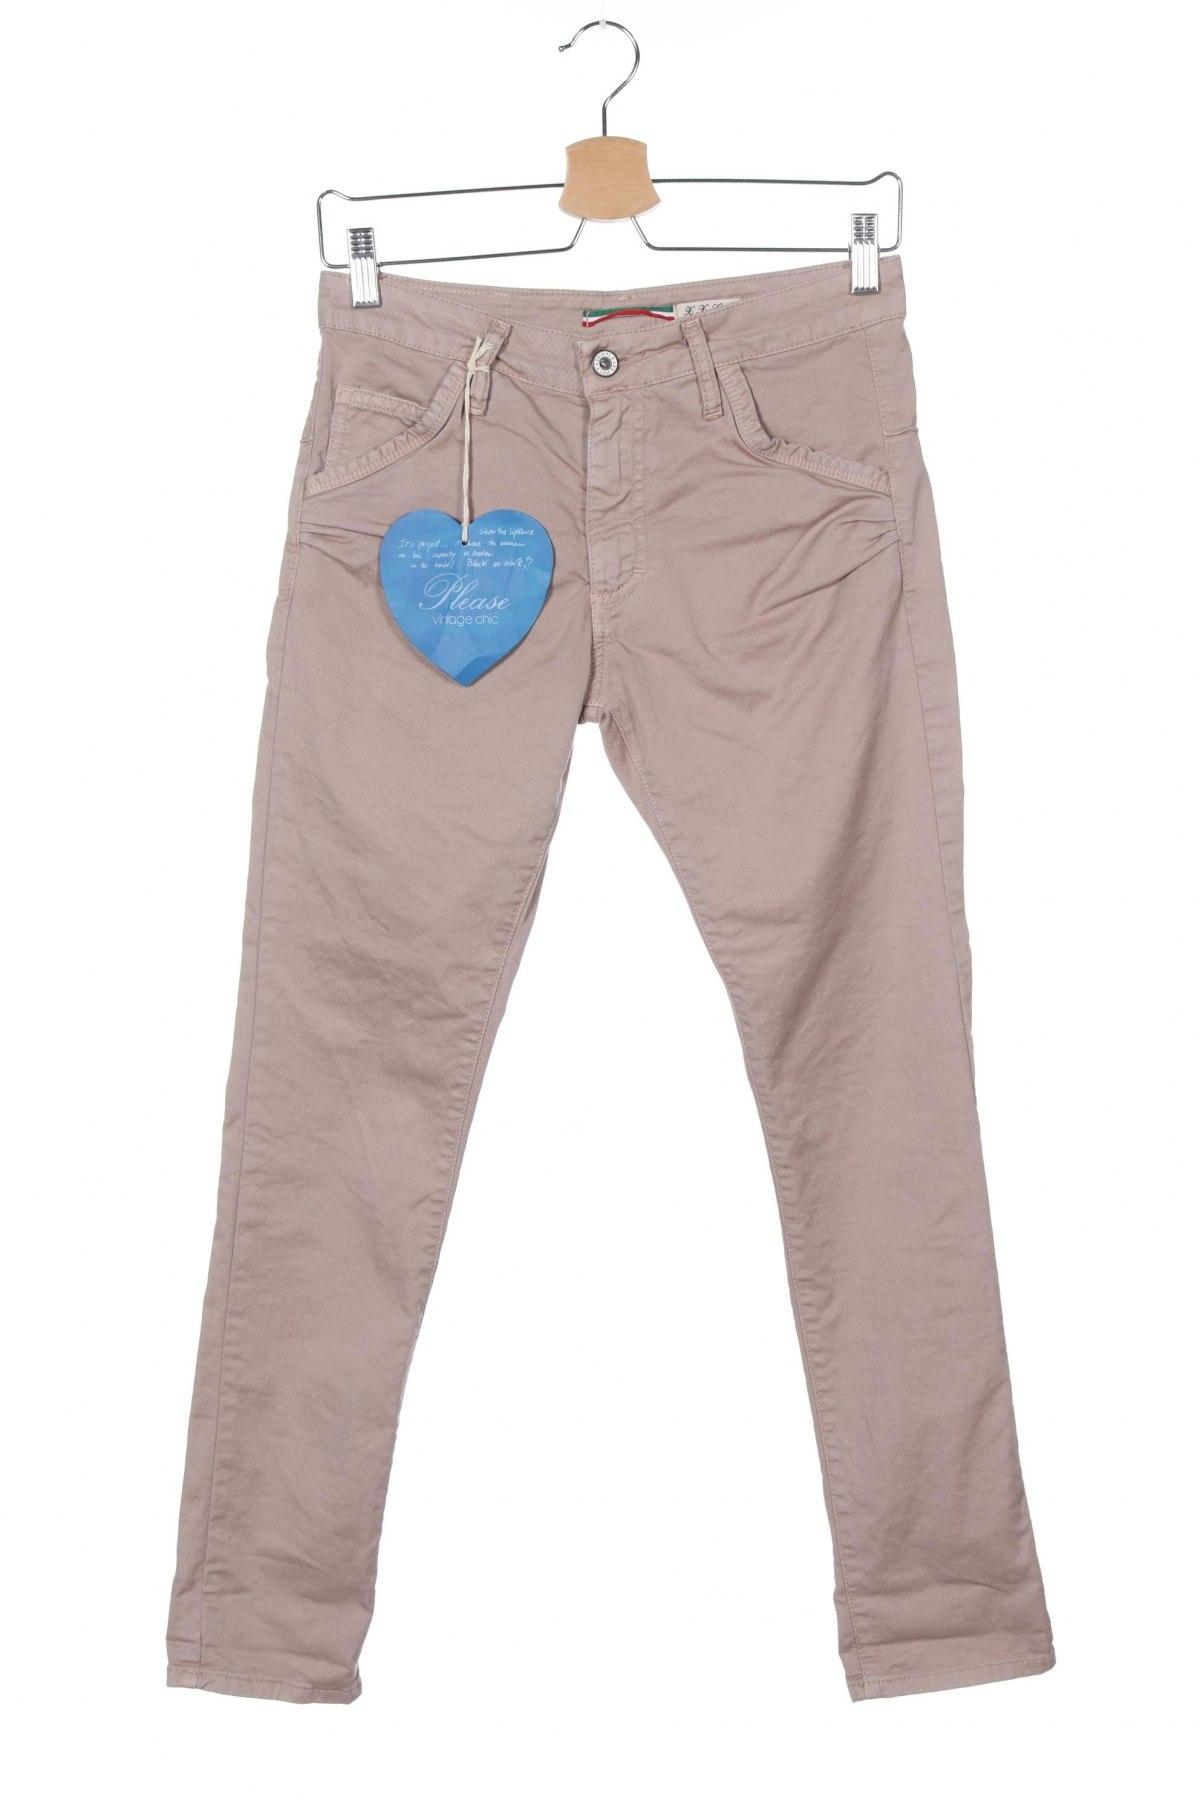 Дамски панталон Please, Размер XXS, Цвят Пепел от рози, 98% памук, 2% еластан, Цена 23,85лв.